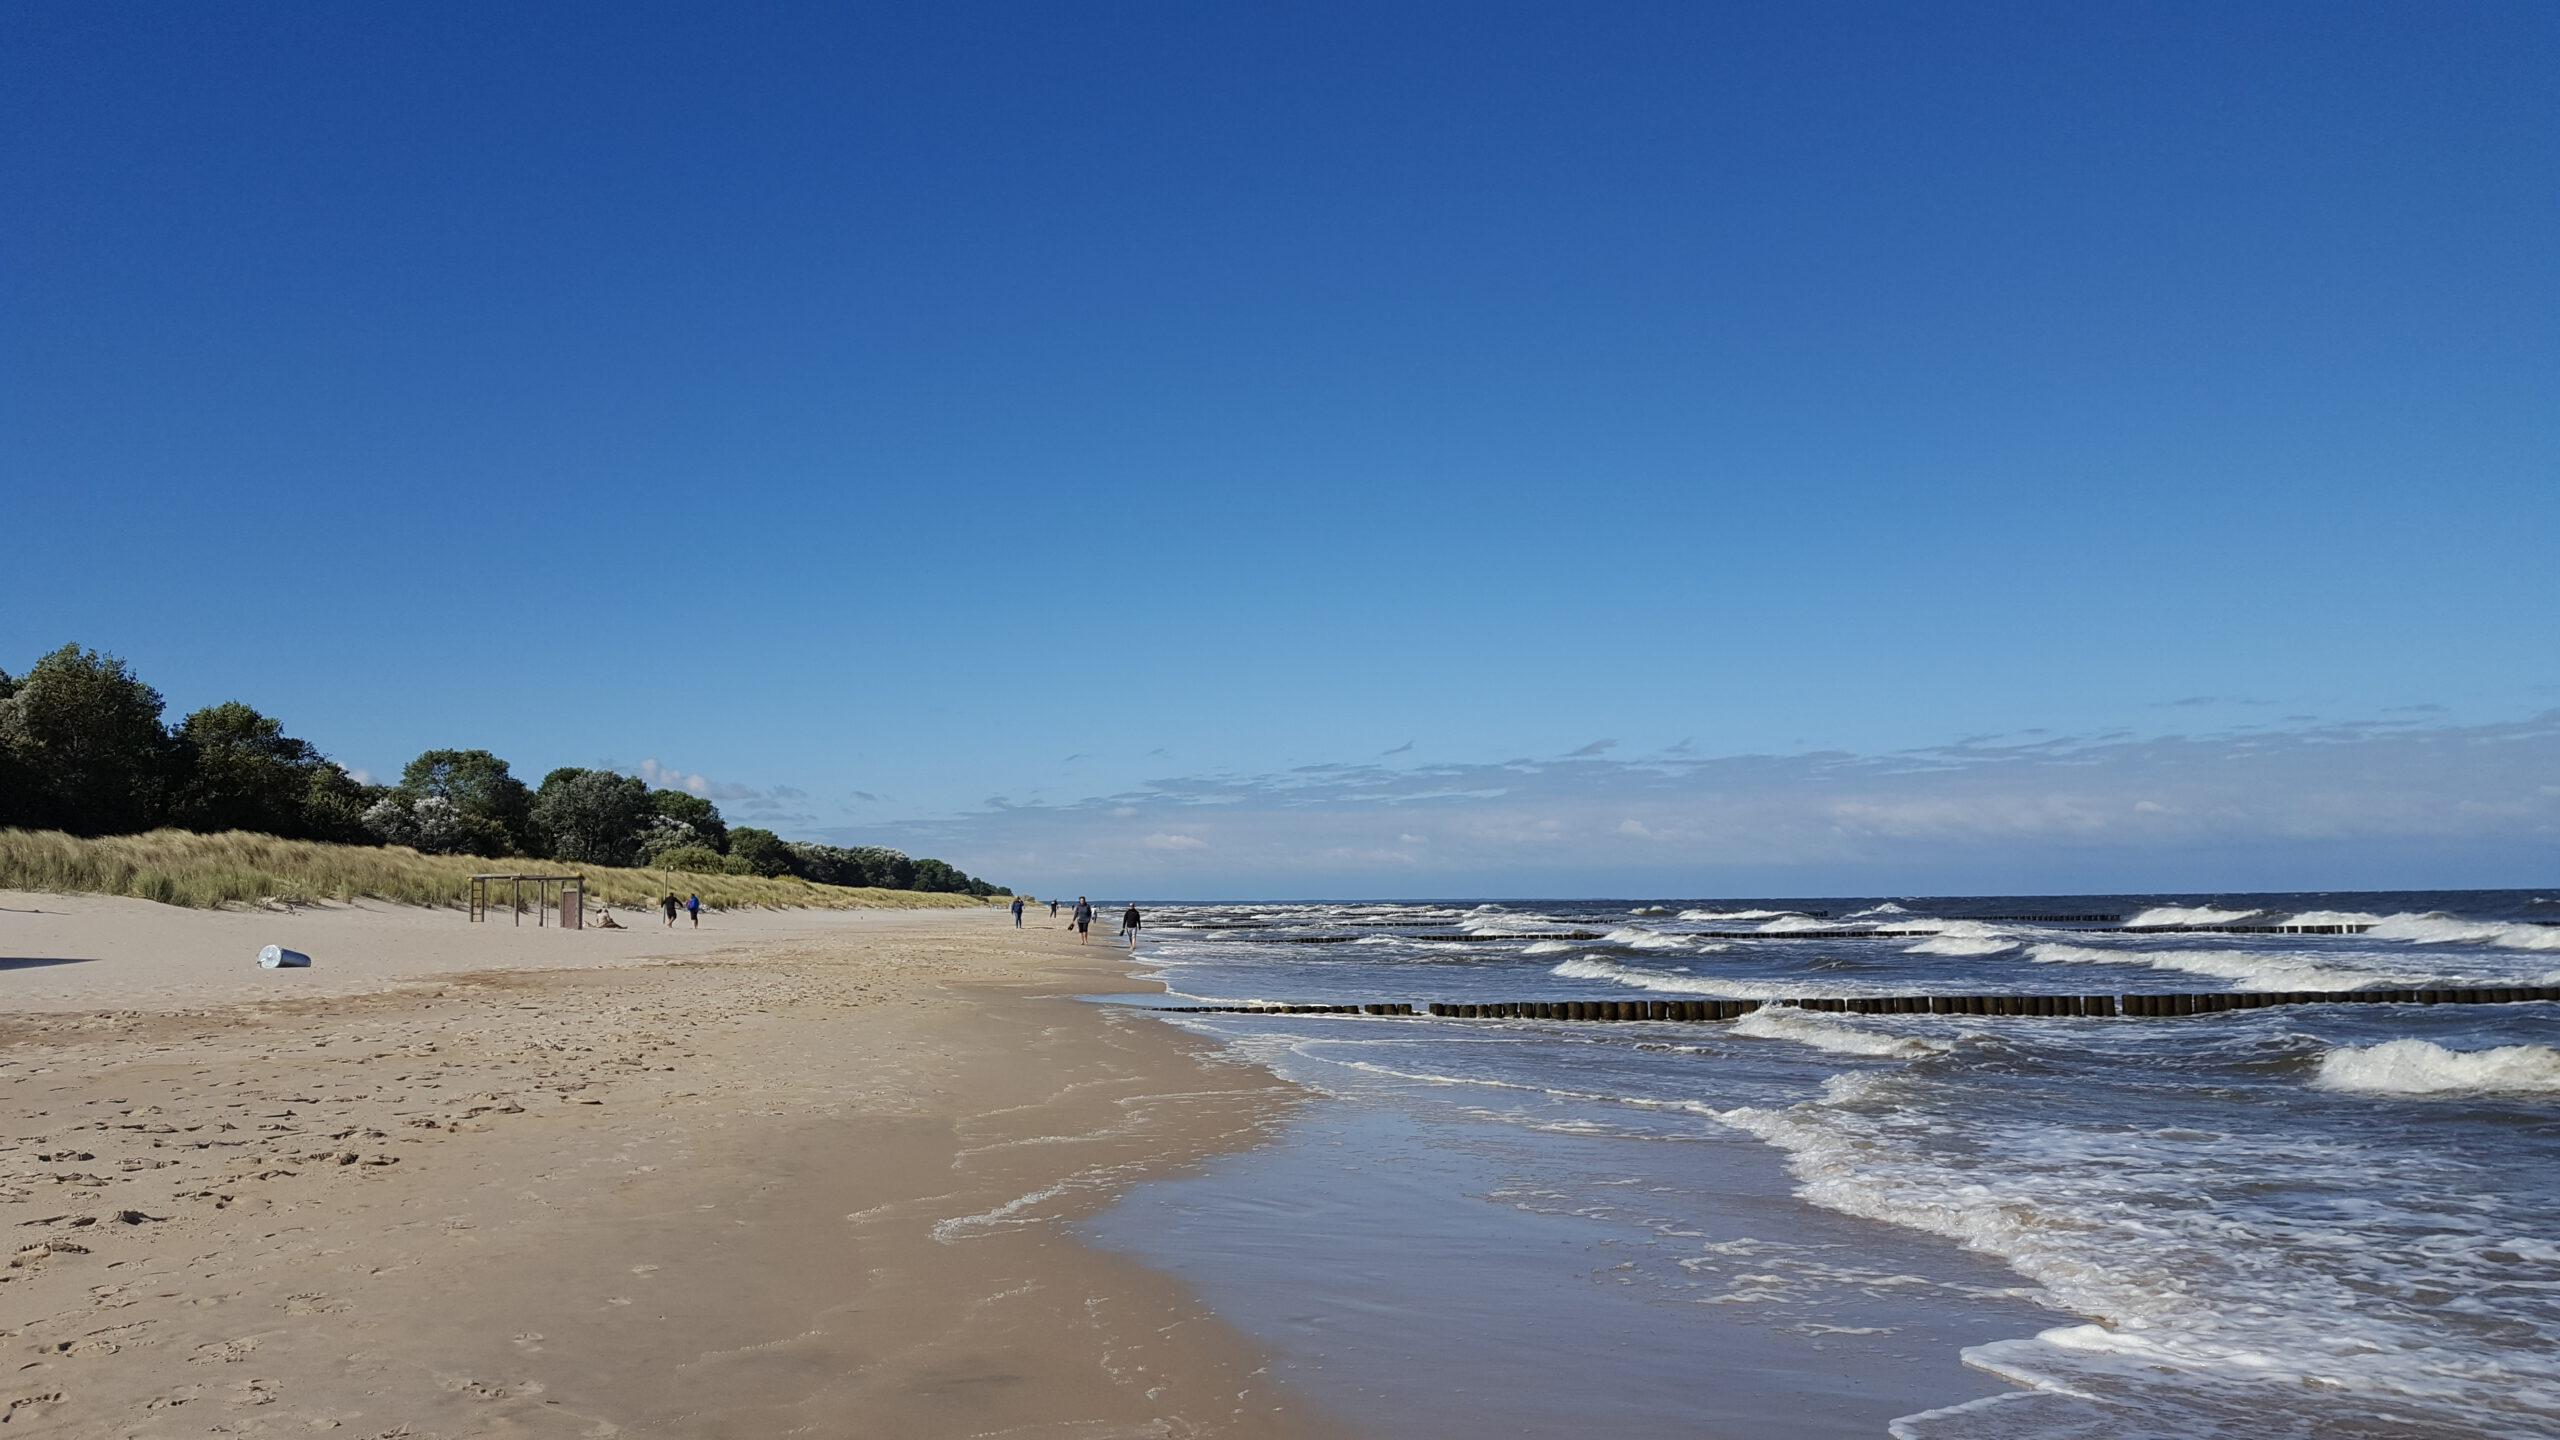 Strand zwischen Zempin und Koserow - Ostsee Urlaub Wanderwege Zempin Insel Usdeom Ausflusgziel